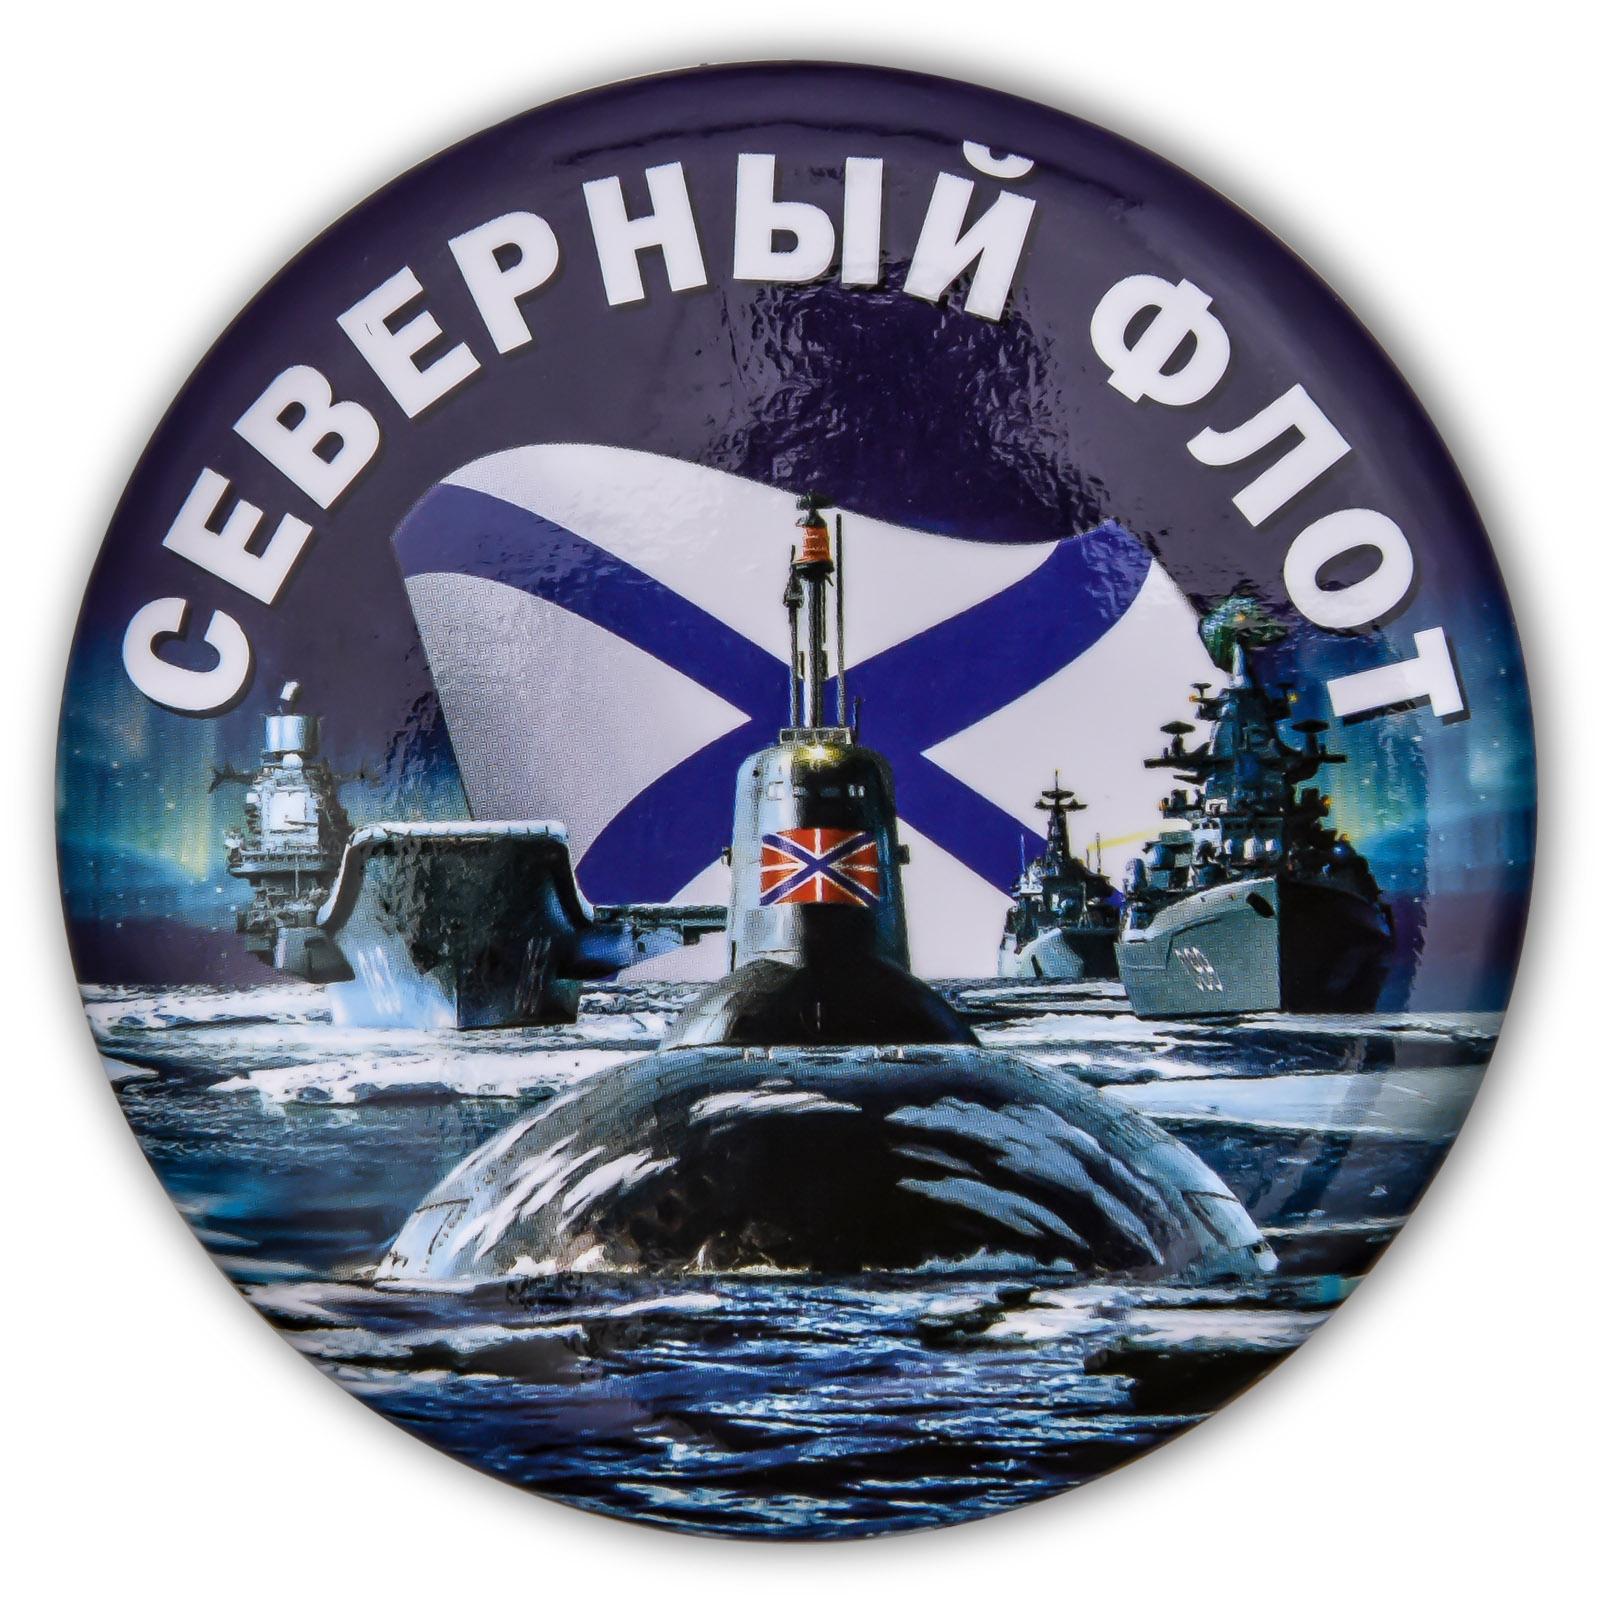 Закатный значок Северный флот